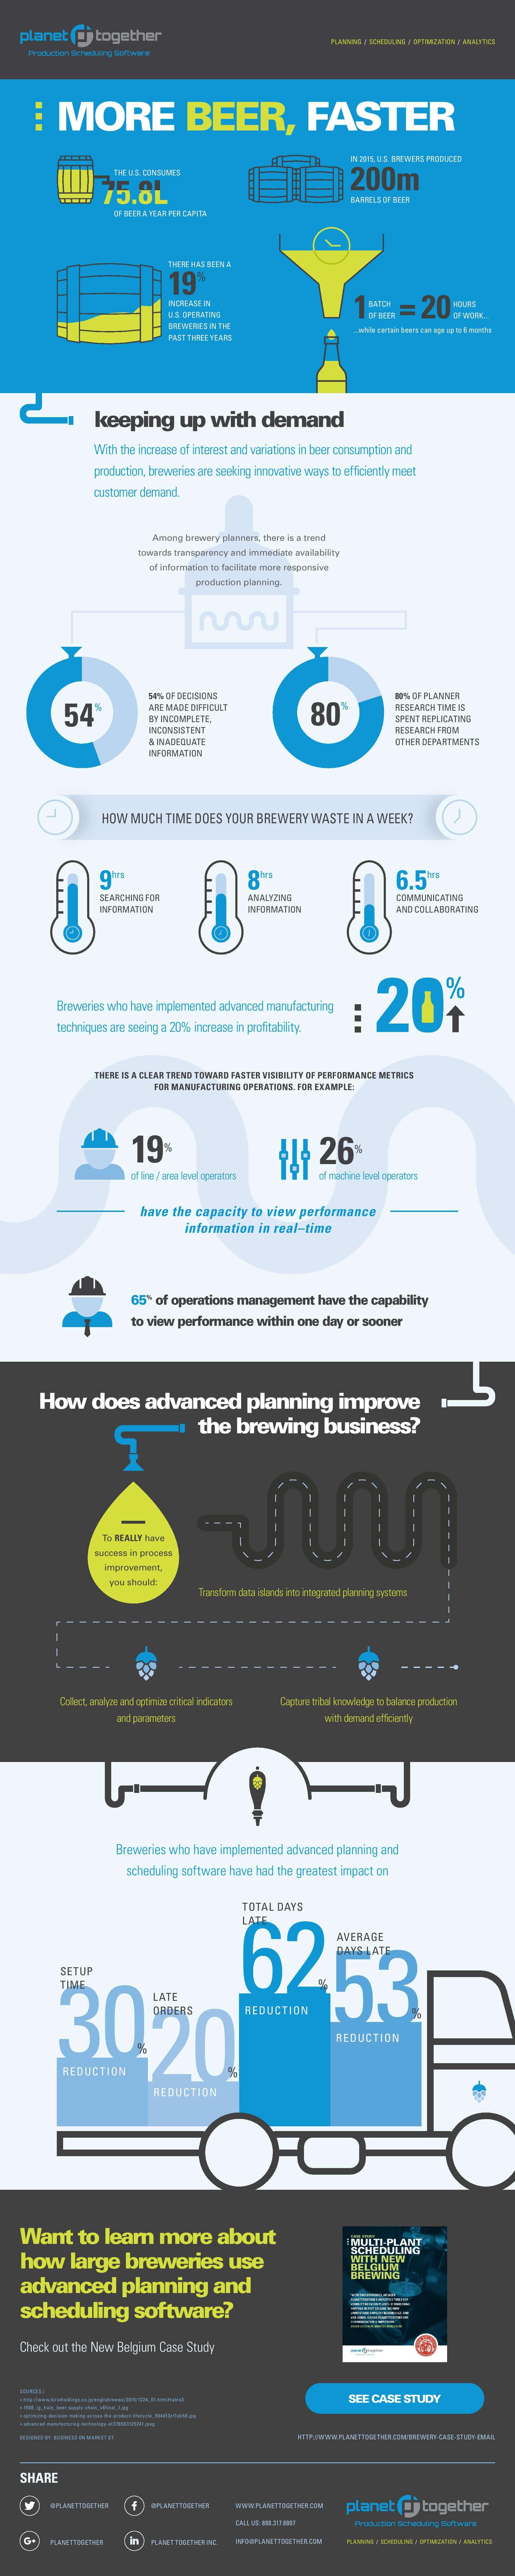 Infographic-Brewery-TOFU.jpg